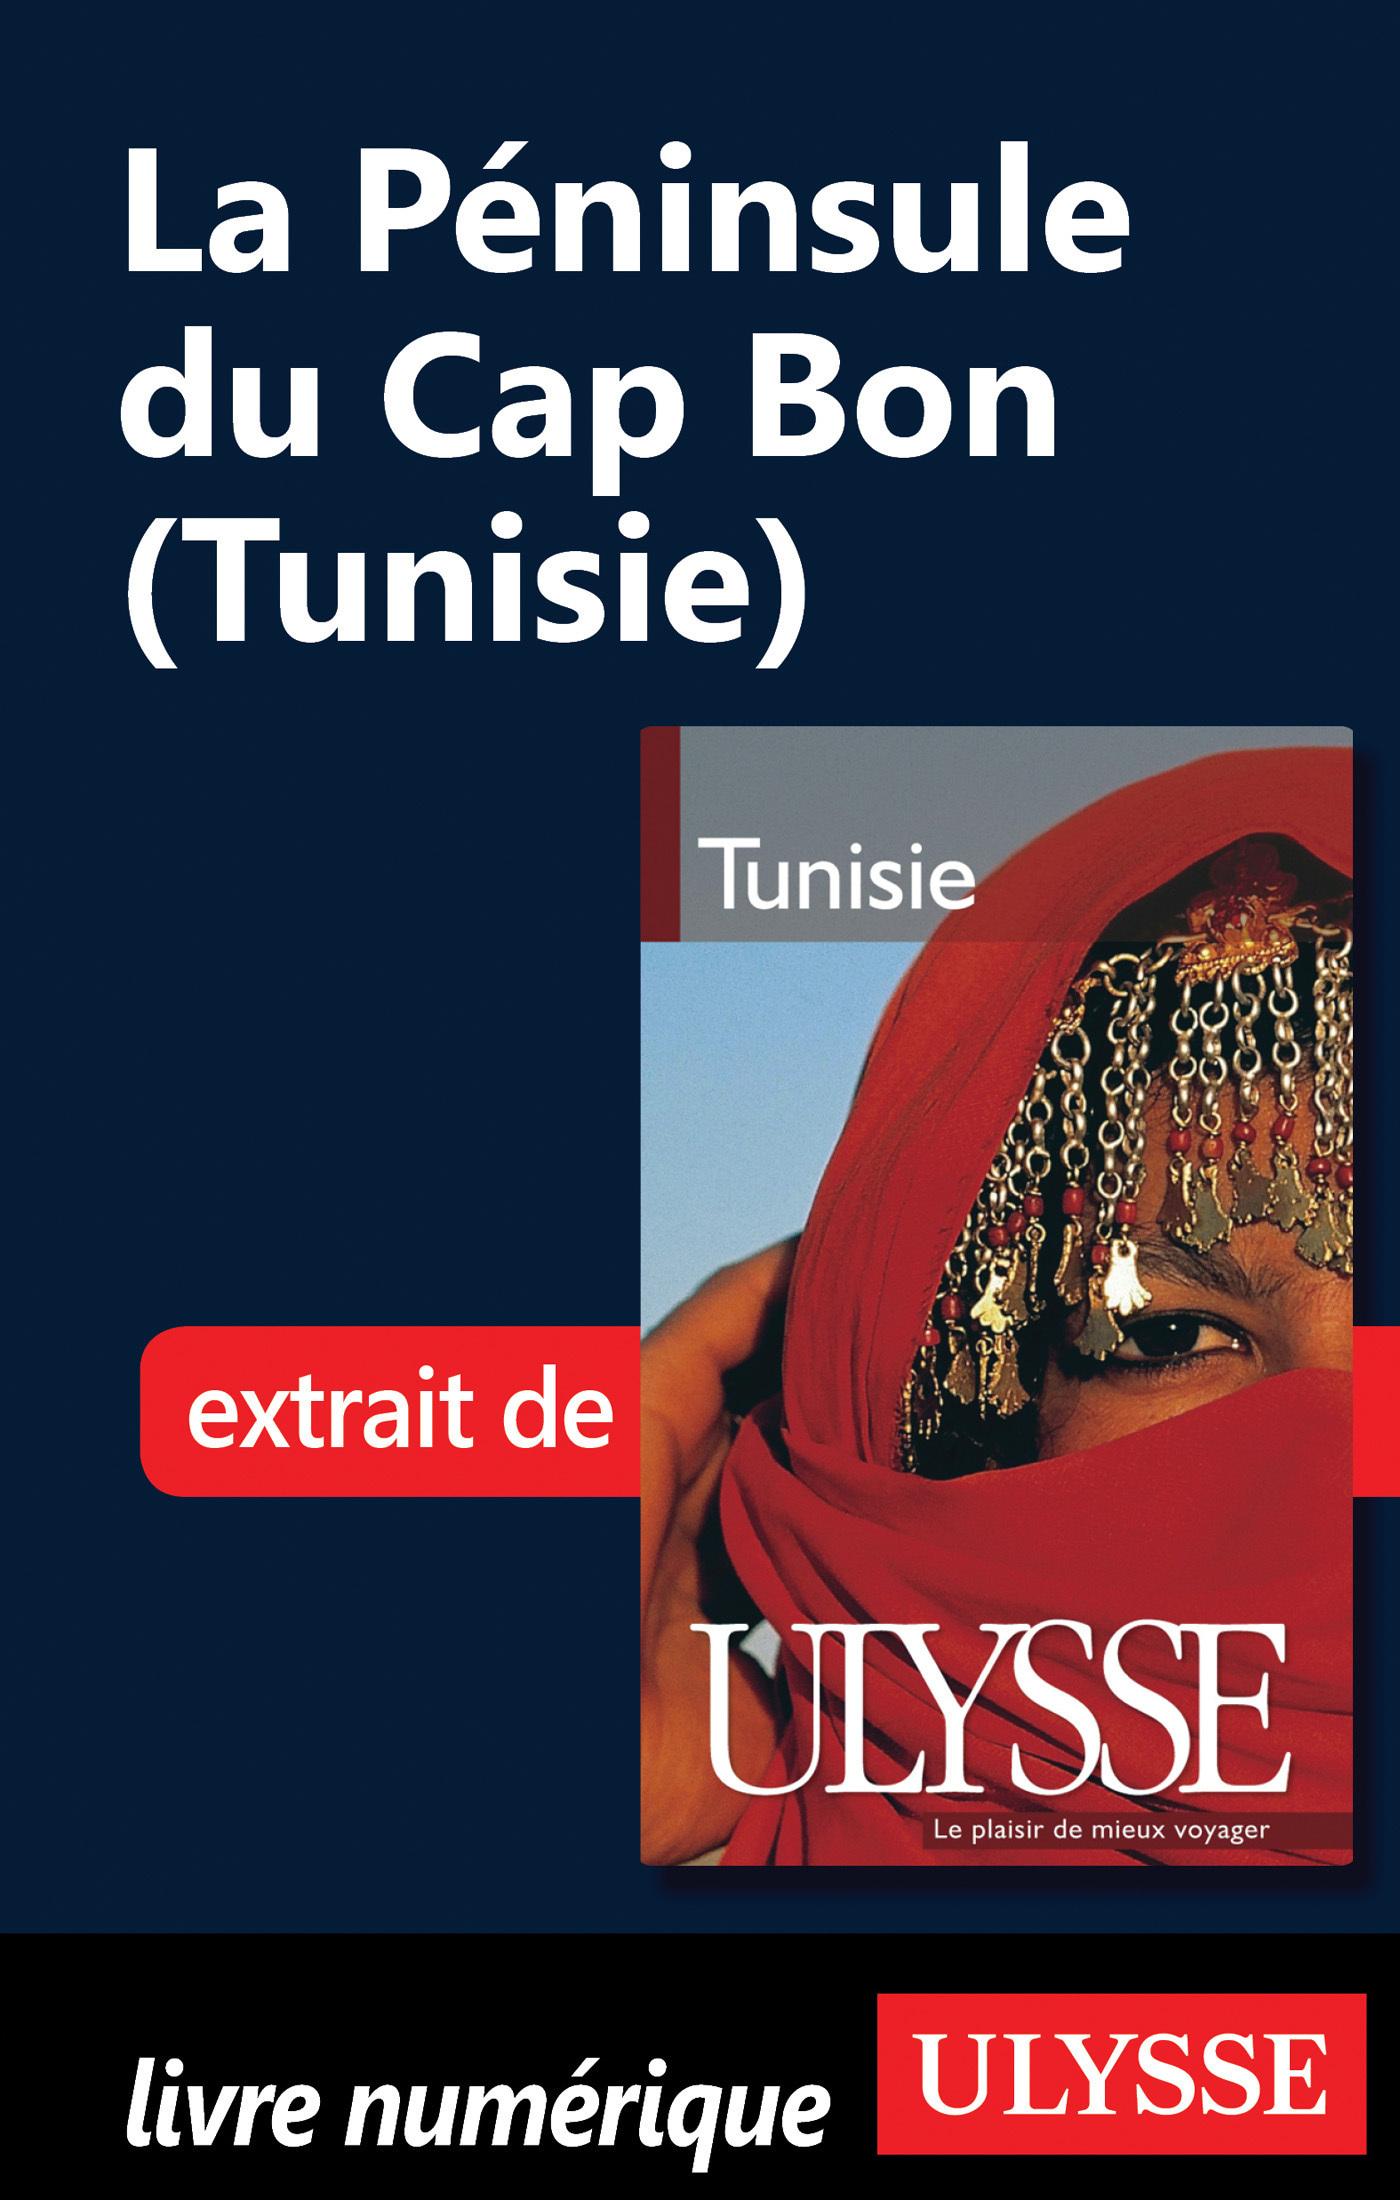 La péninsule du Cap Bon (Tunisie)